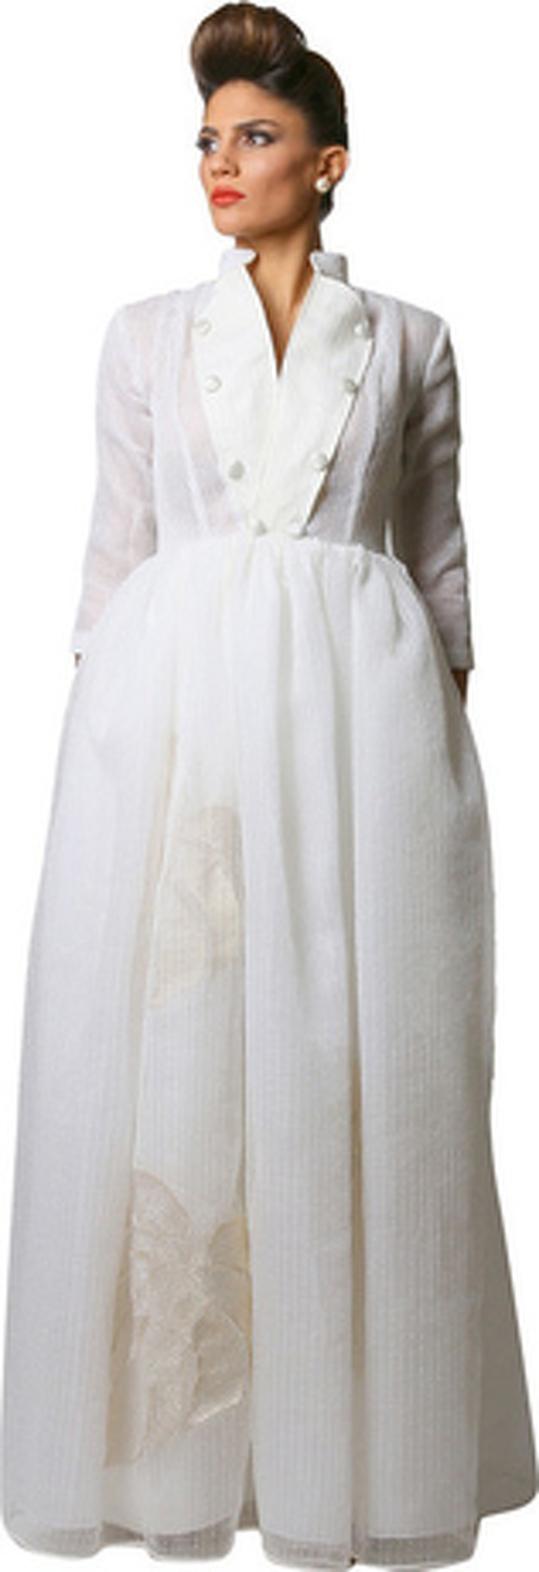 a34409a64bcab فستان طويل راقٍ بتصميم منفوش من الأسفل وياقة مزيّنة بالأزرار، من قماش  الأورجانزا باللون الأوف وايت المخططّ، مزيّن بأوراق الشجر من اللامية الذهبي،  بأكمام ...